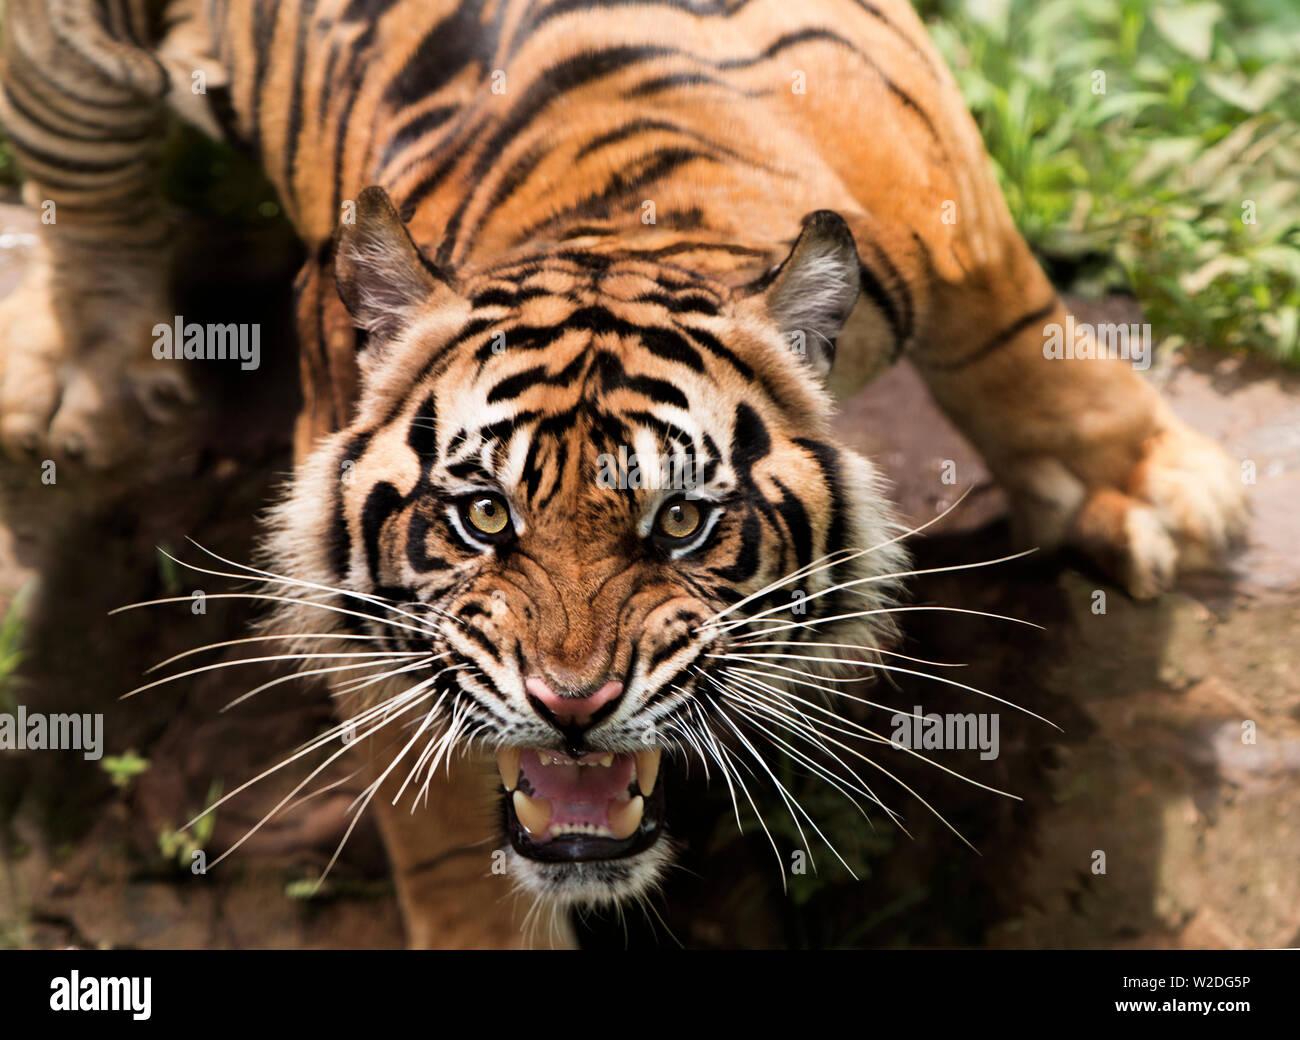 Sad Tiger Stock Photos & Sad Tiger Stock Images - Alamy